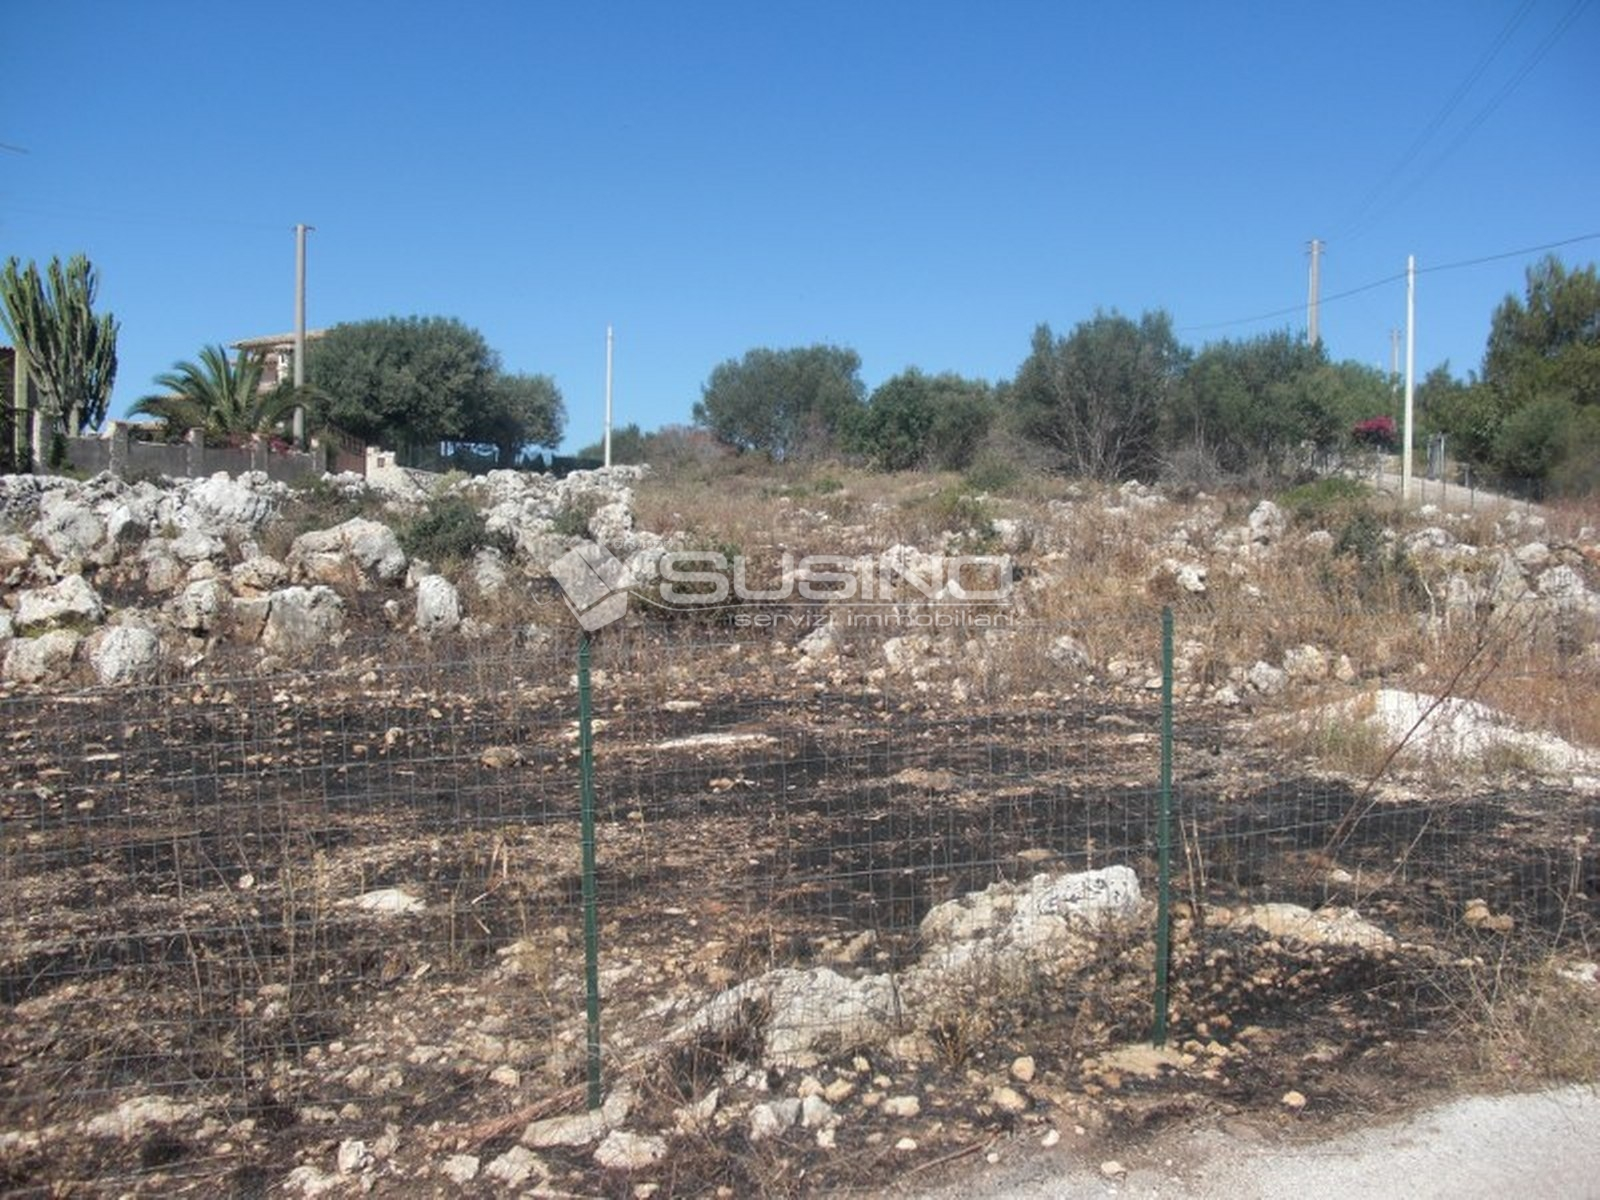 Terreno Agricolo in vendita a Noto, 9999 locali, zona Località: ContradaCugni, prezzo € 7.000 | CambioCasa.it